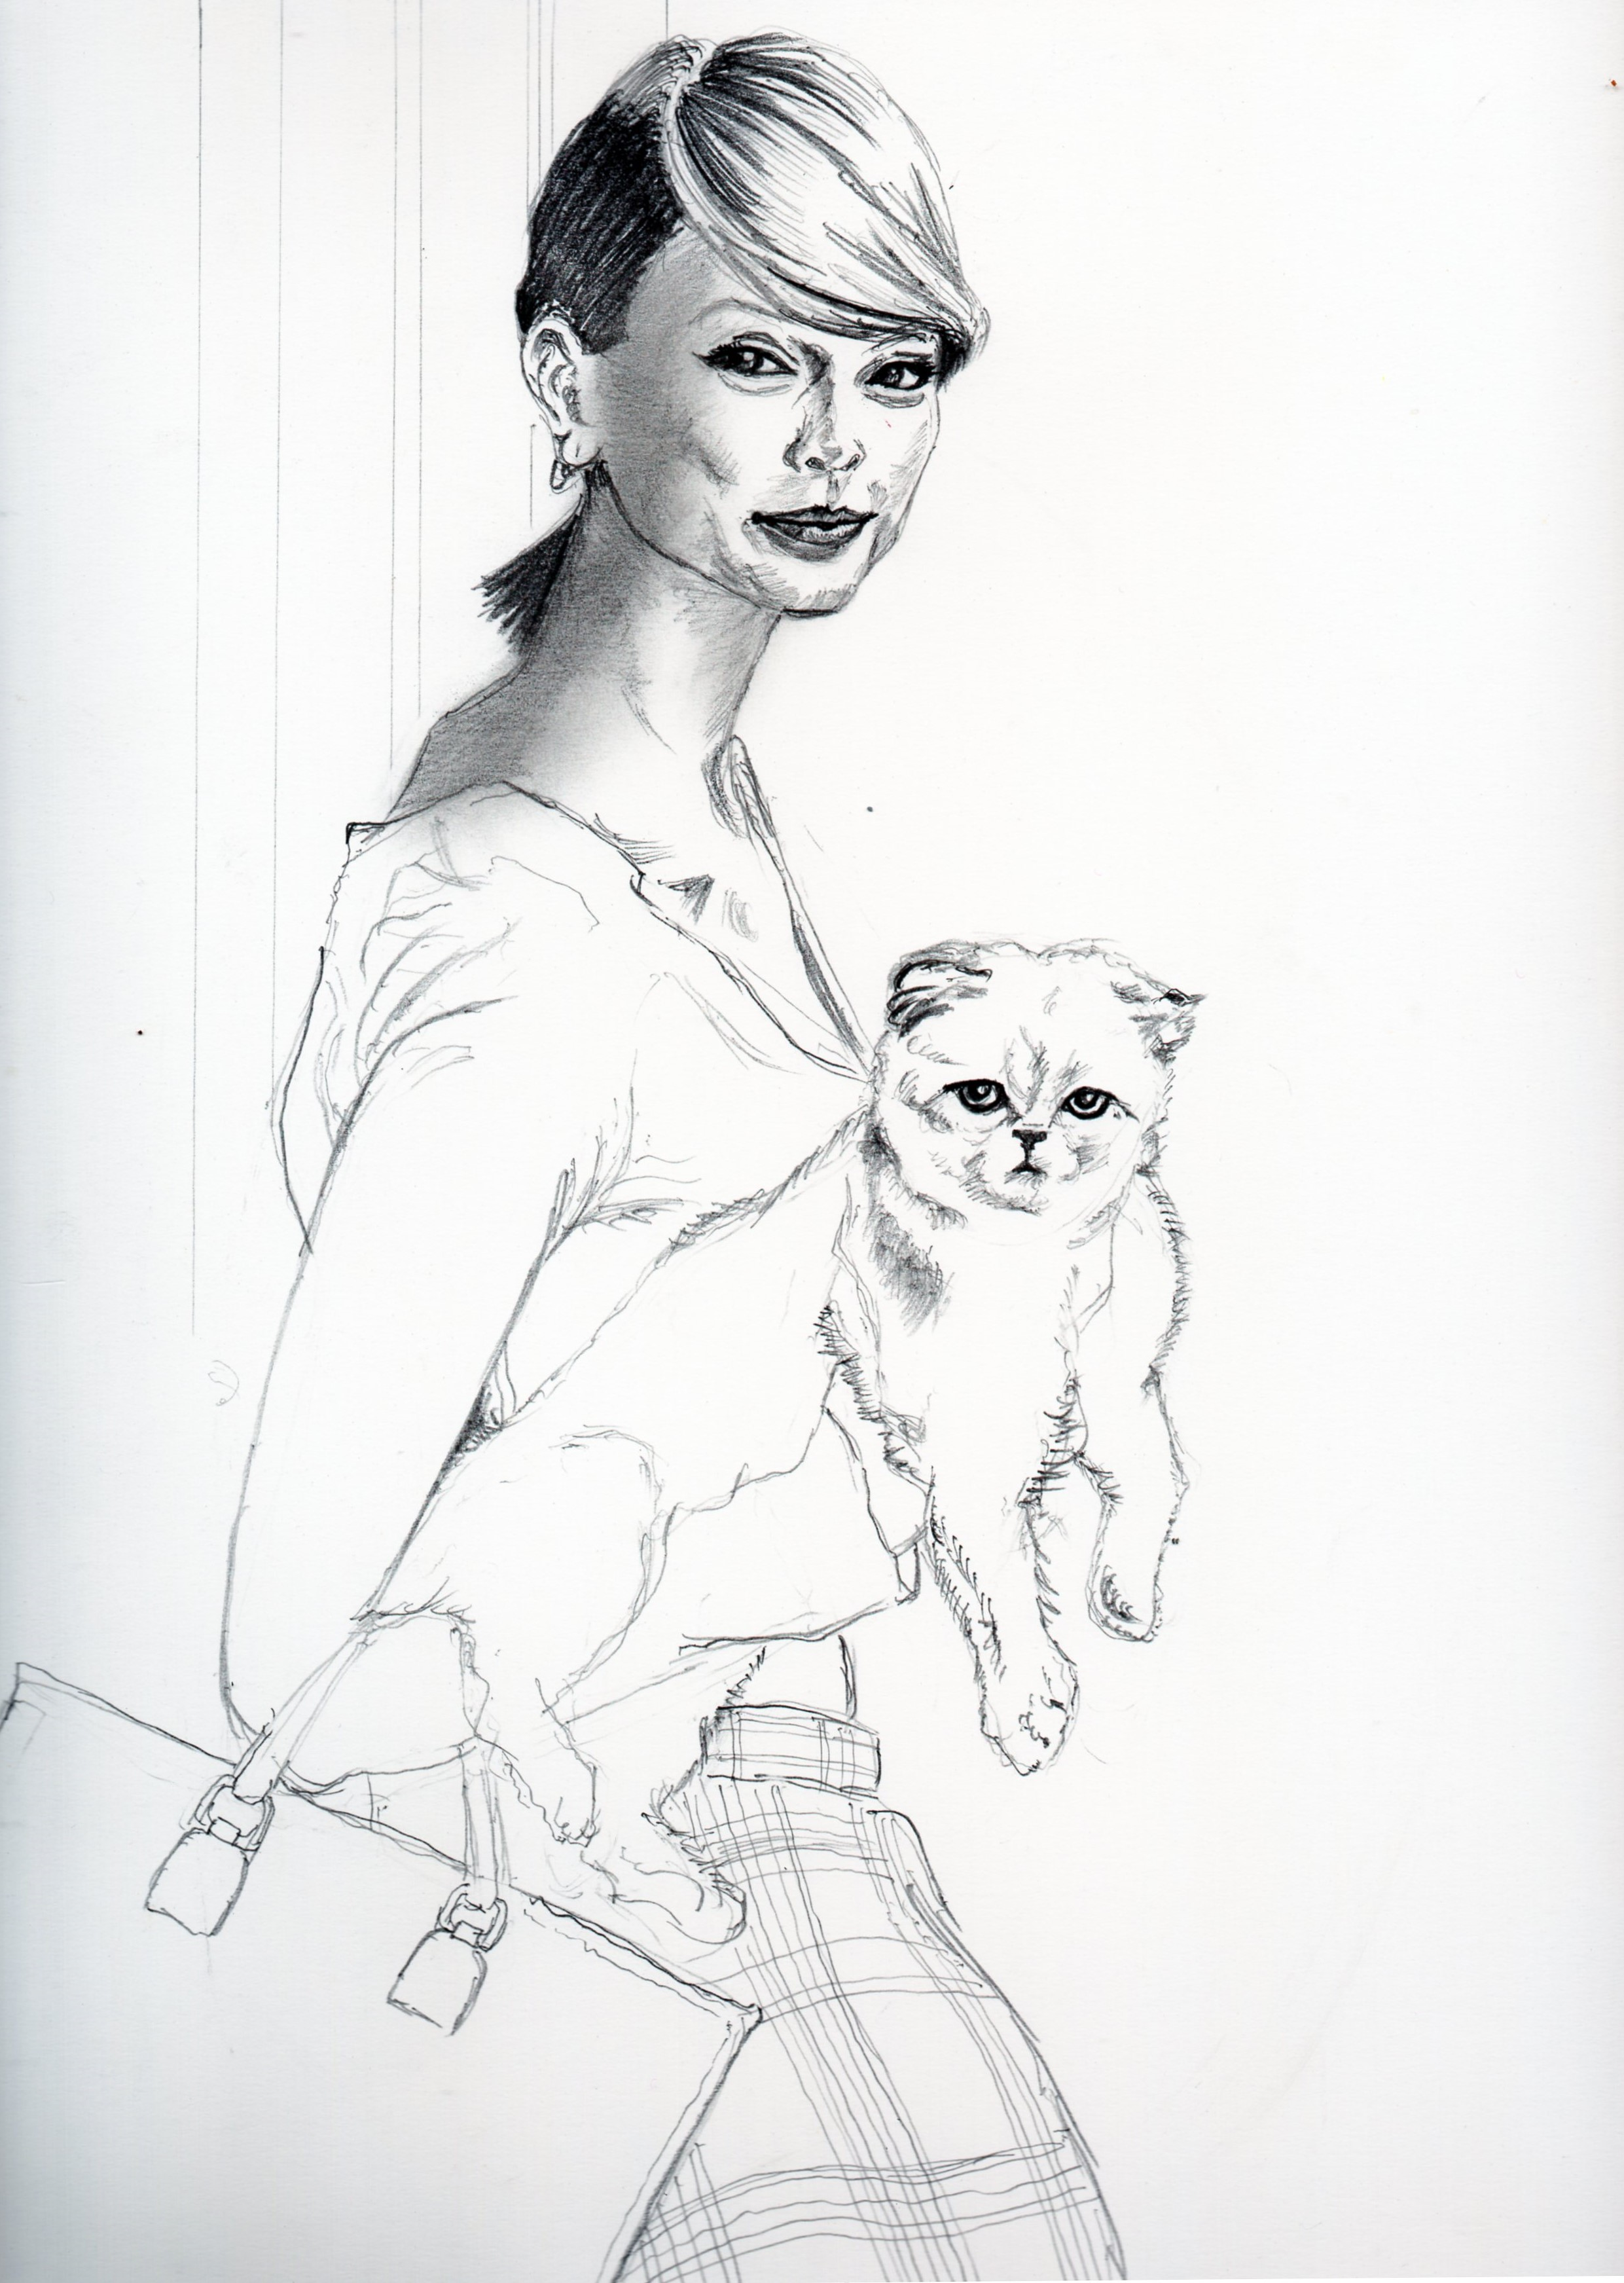 テイラースウィフトと愛猫の鉛筆画似顔絵、途中経過です